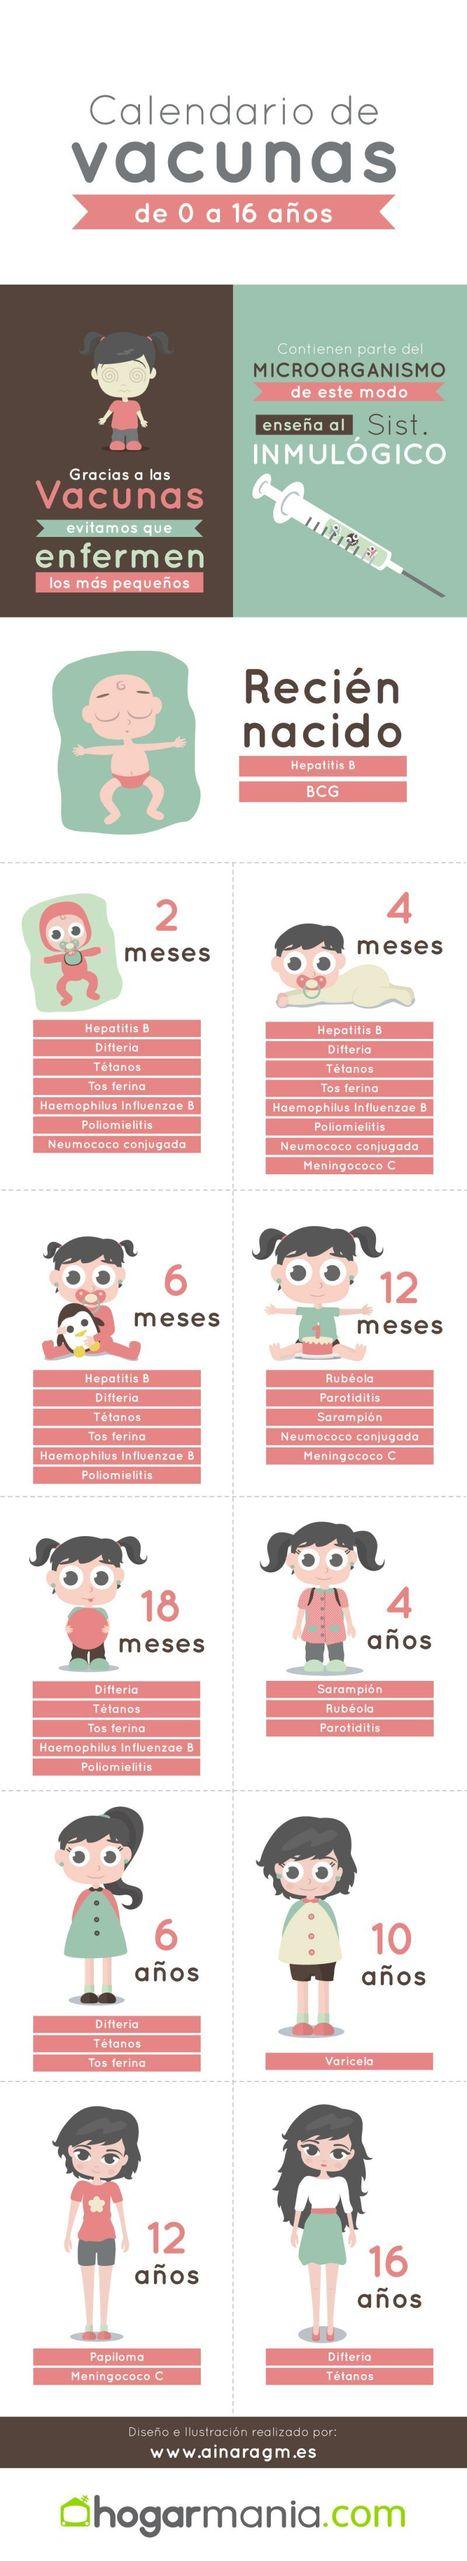 Infografía de calendario de vacunas infantil - Hogarmania | Medicina y Ciencia | Scoop.it